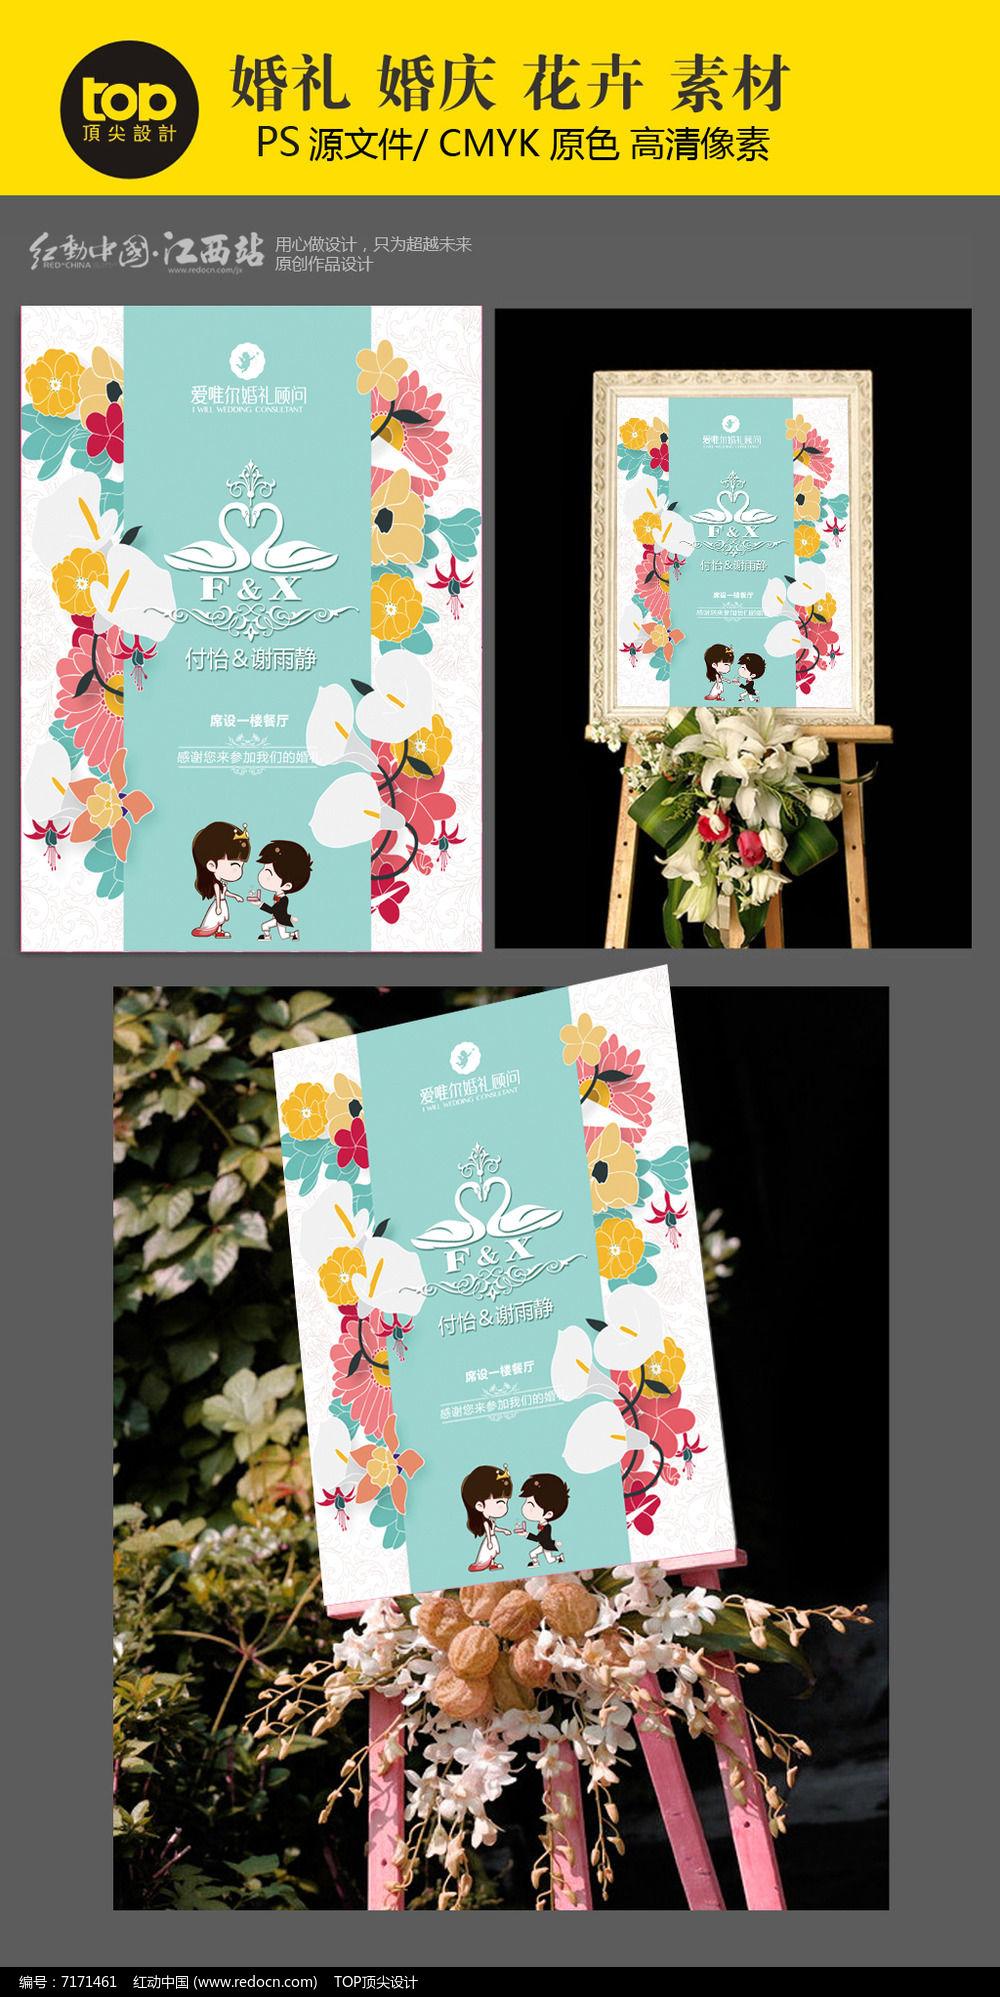 唯美风格蒂芙尼蓝色花卉卡通婚礼海报迎宾牌海报设计图片